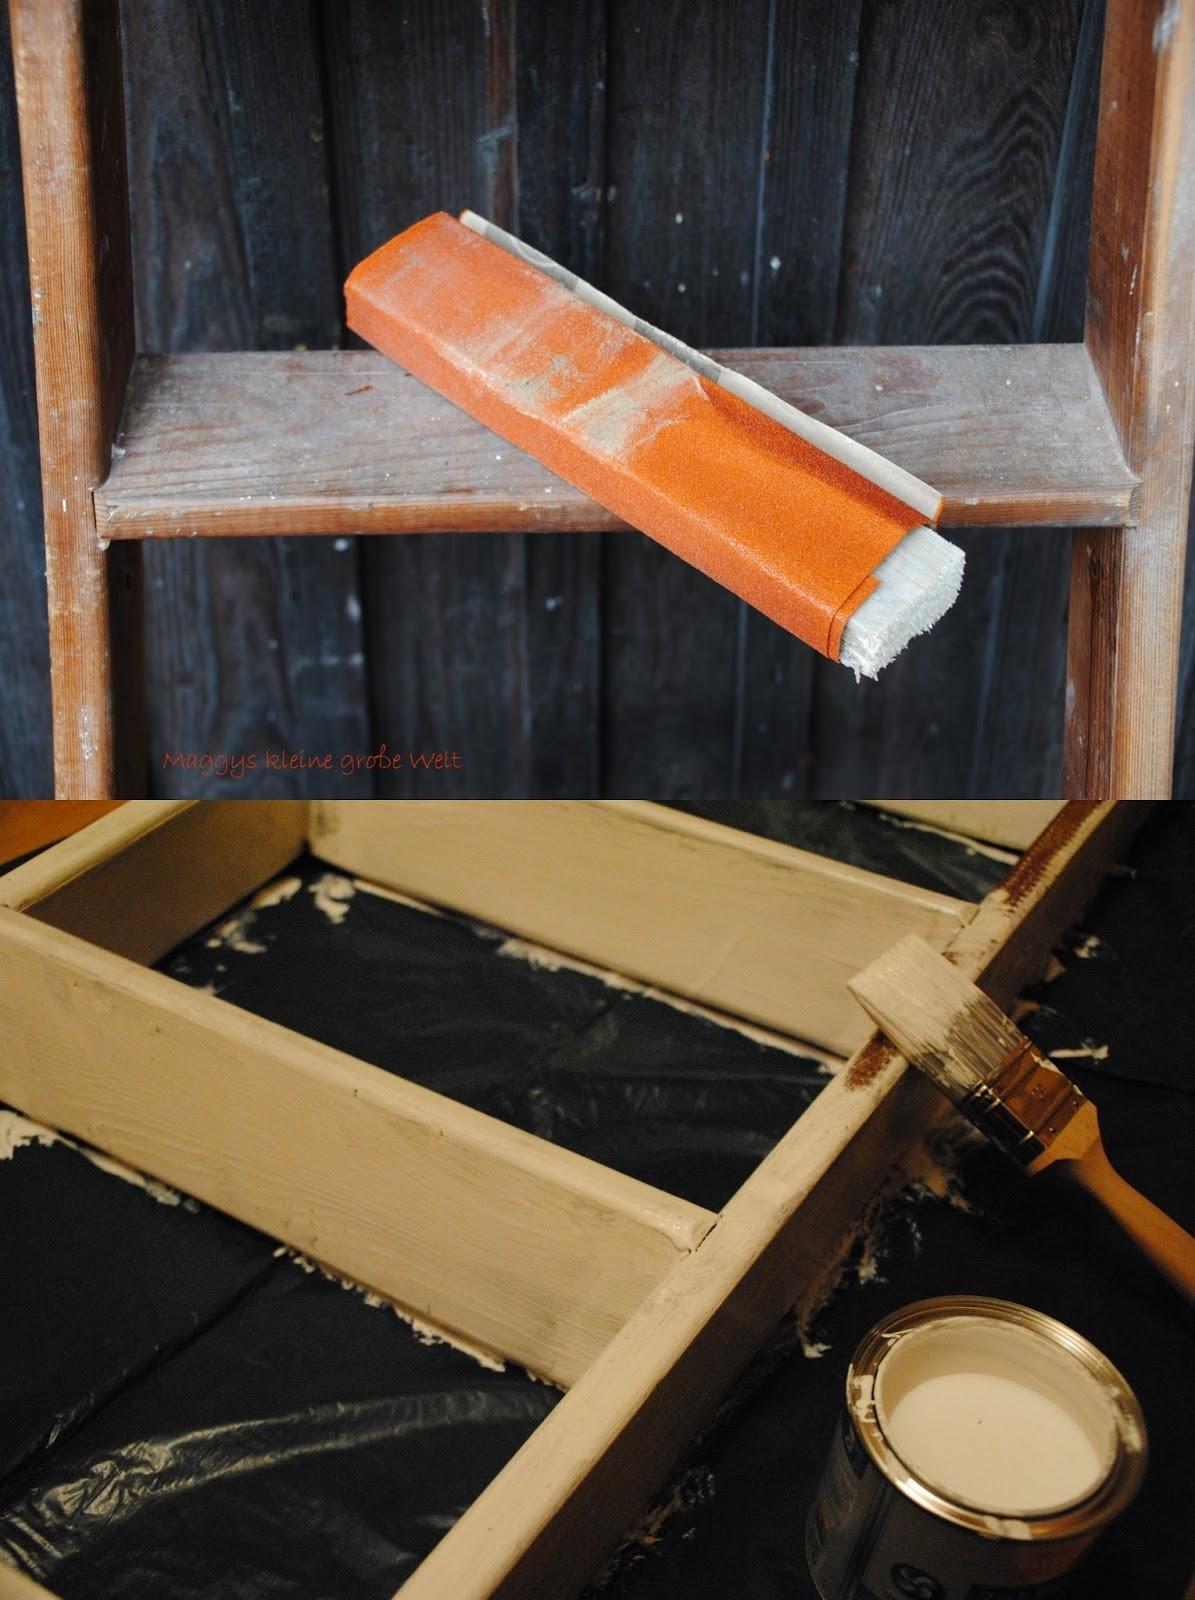 maggys kleine gro e welt upcycling wie aus einer. Black Bedroom Furniture Sets. Home Design Ideas